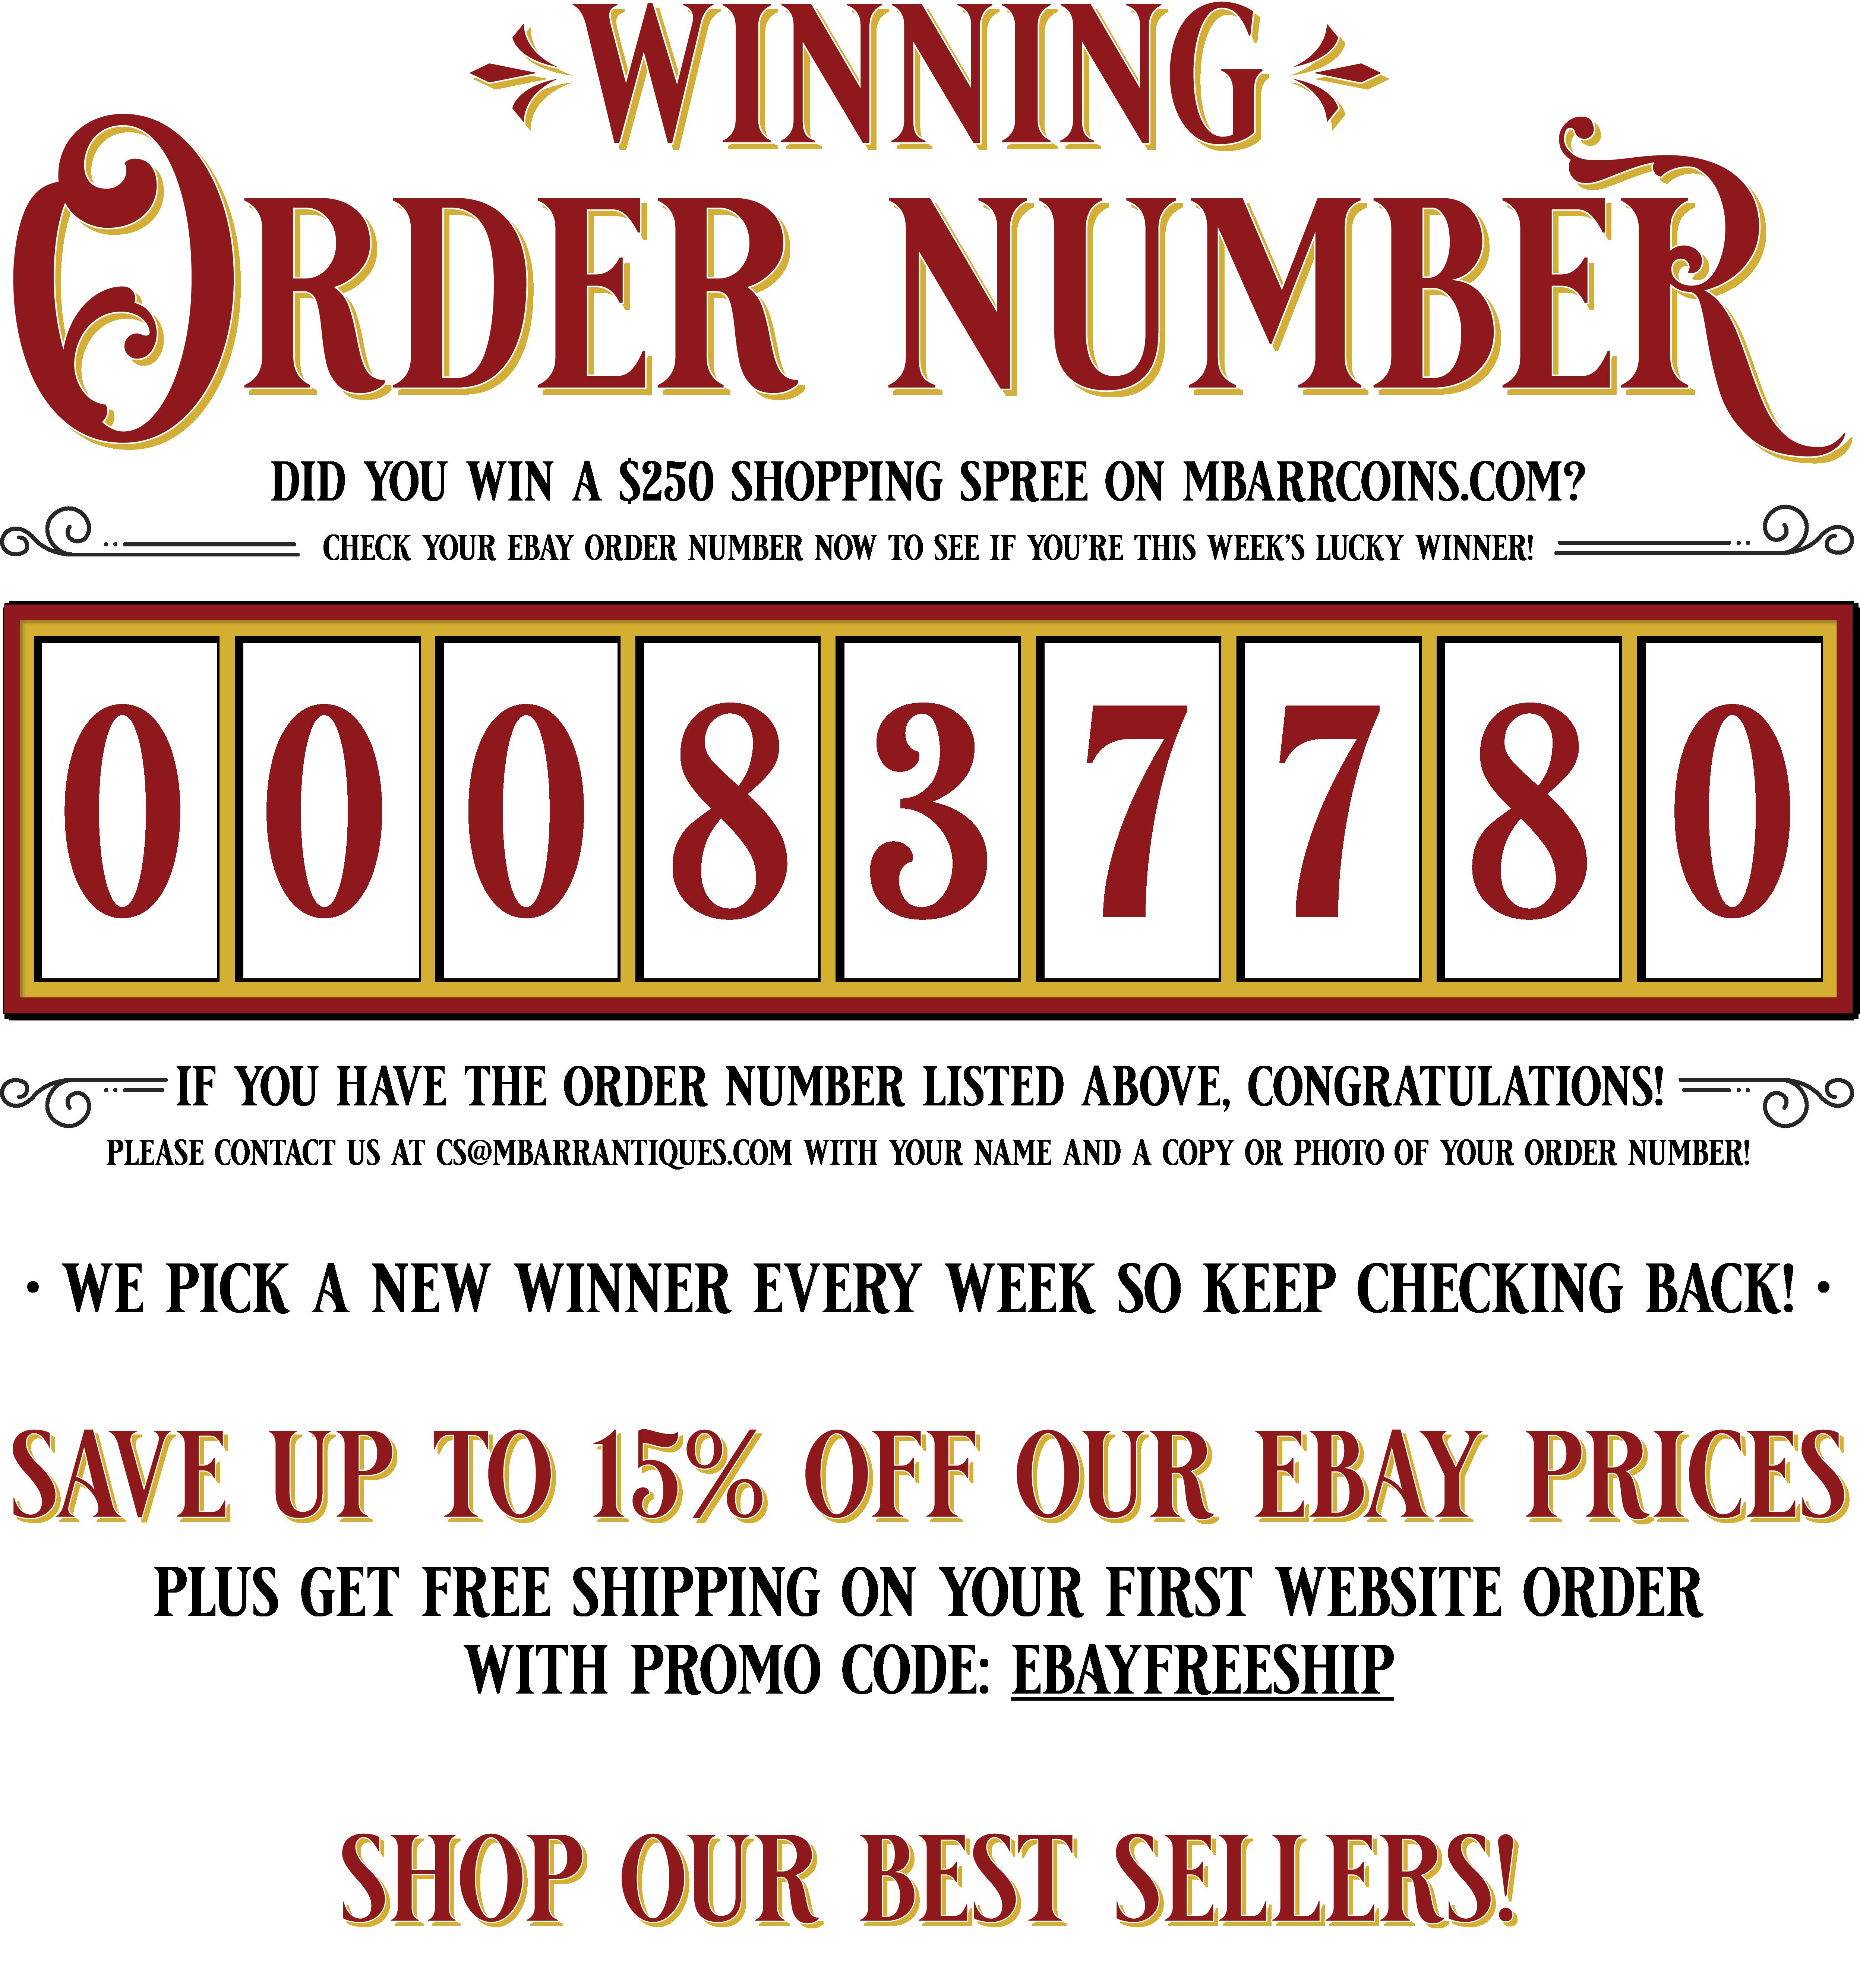 ebay-wining-order-number-build-11-13-19.png